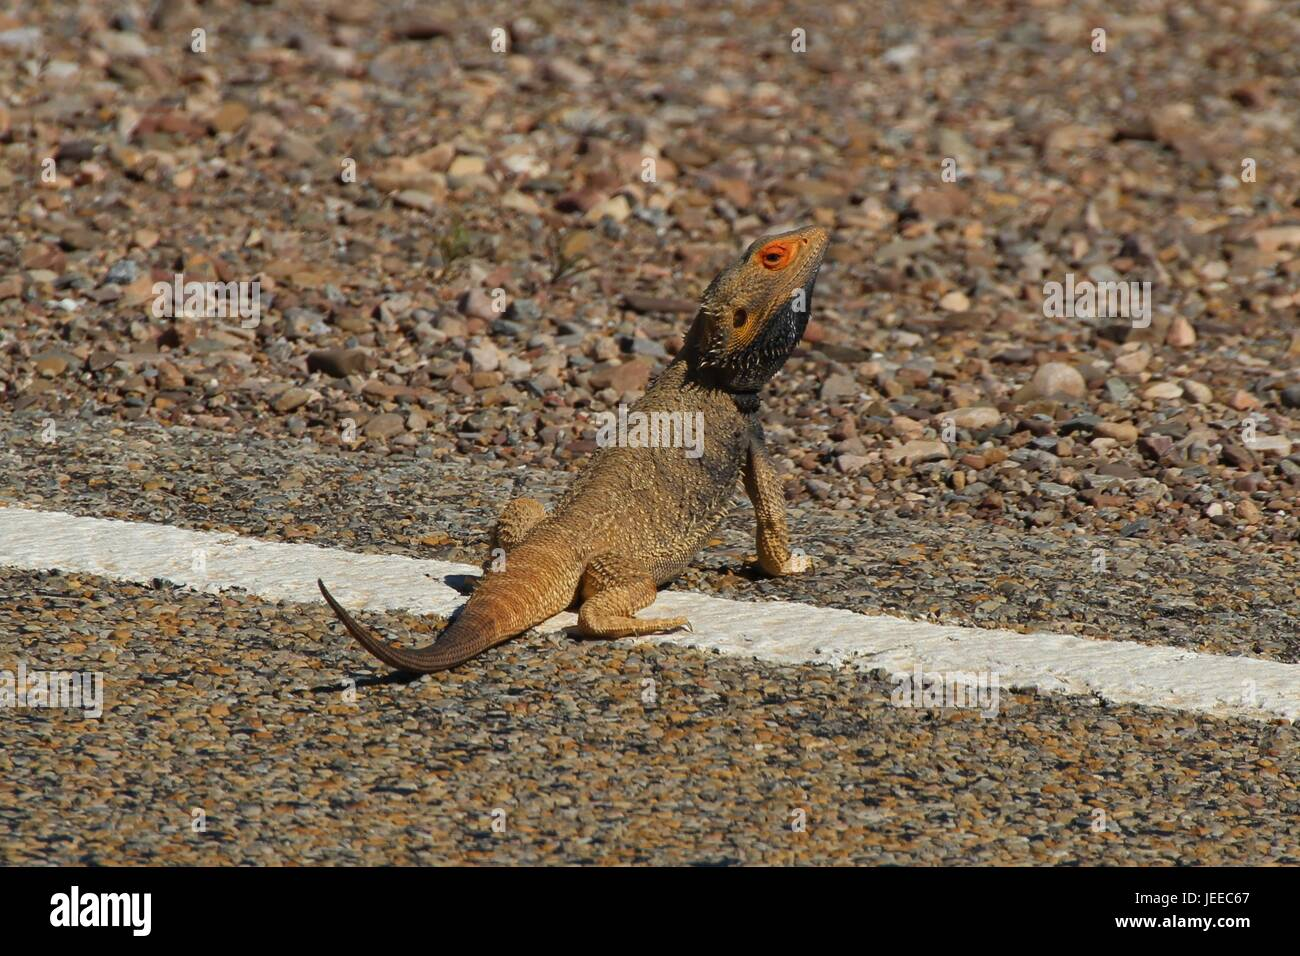 Die Eidechse nimmt ein Sonnenbad am Straßenrand Stockfoto